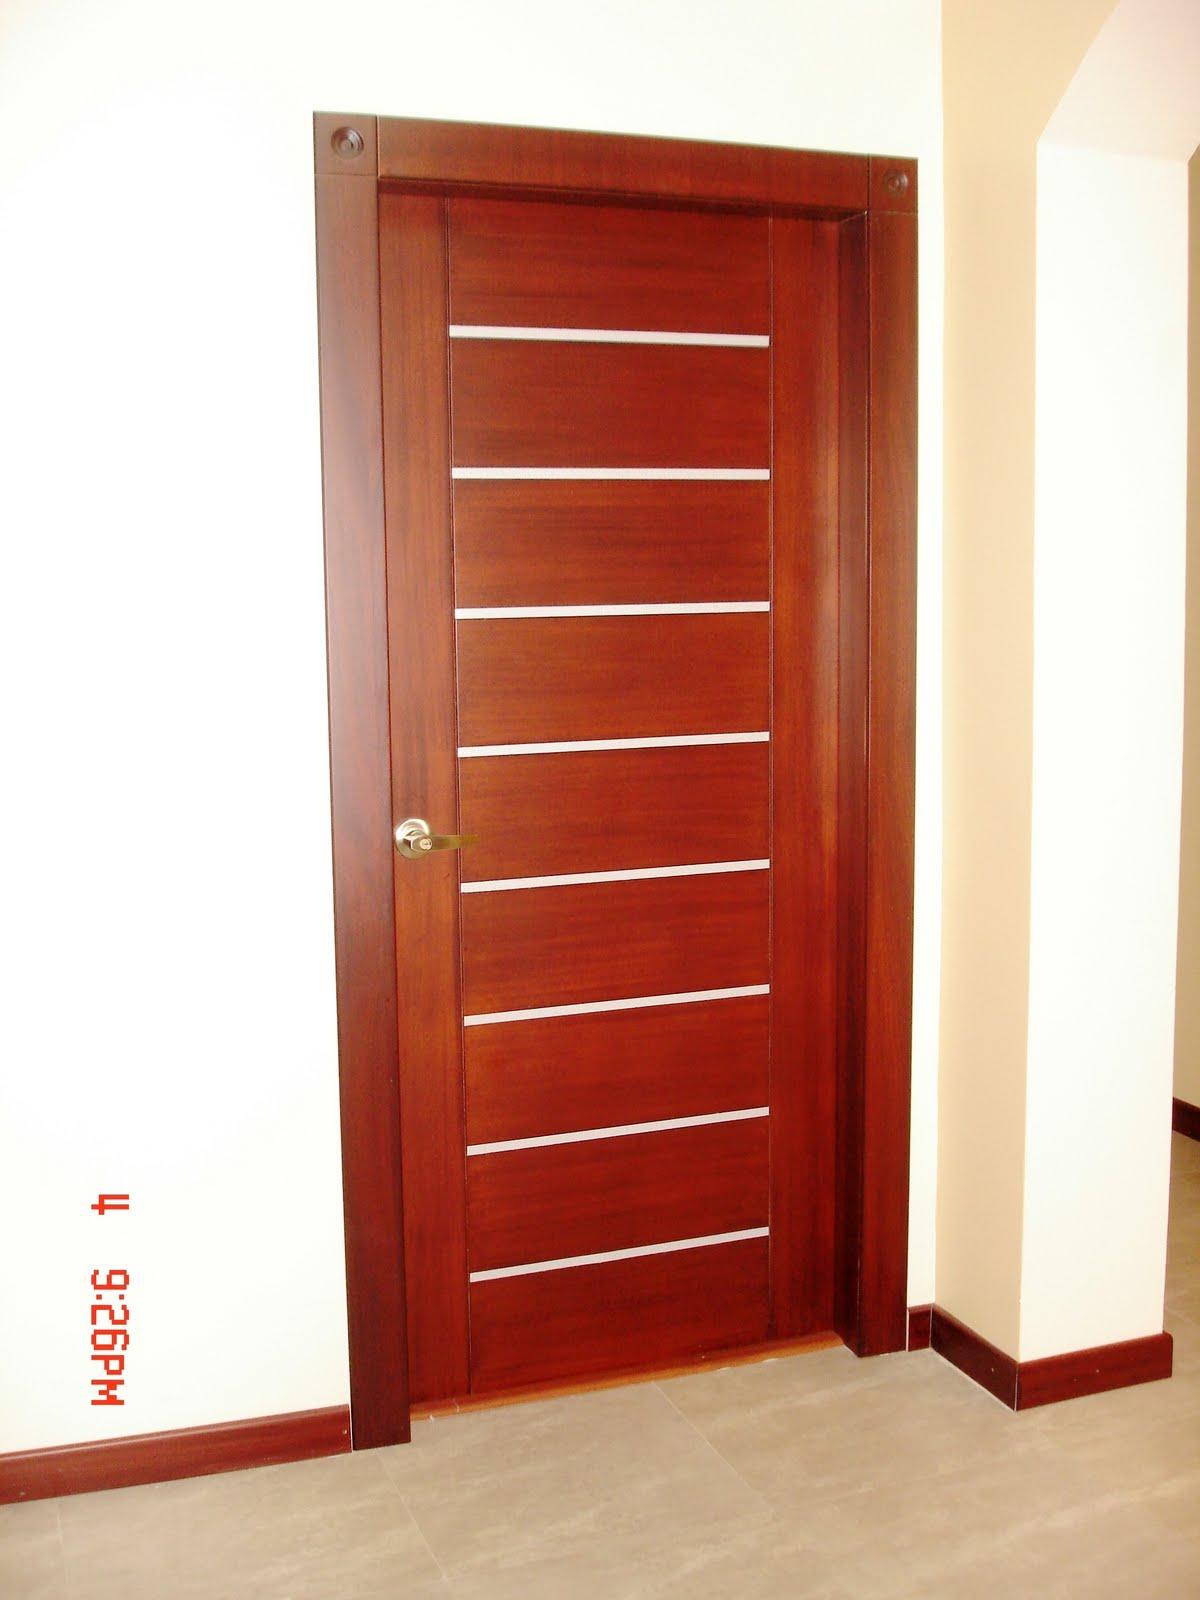 Ideatumobiliario puertas interiores y exteriores para su for Modelo de puertas para habitaciones modernas